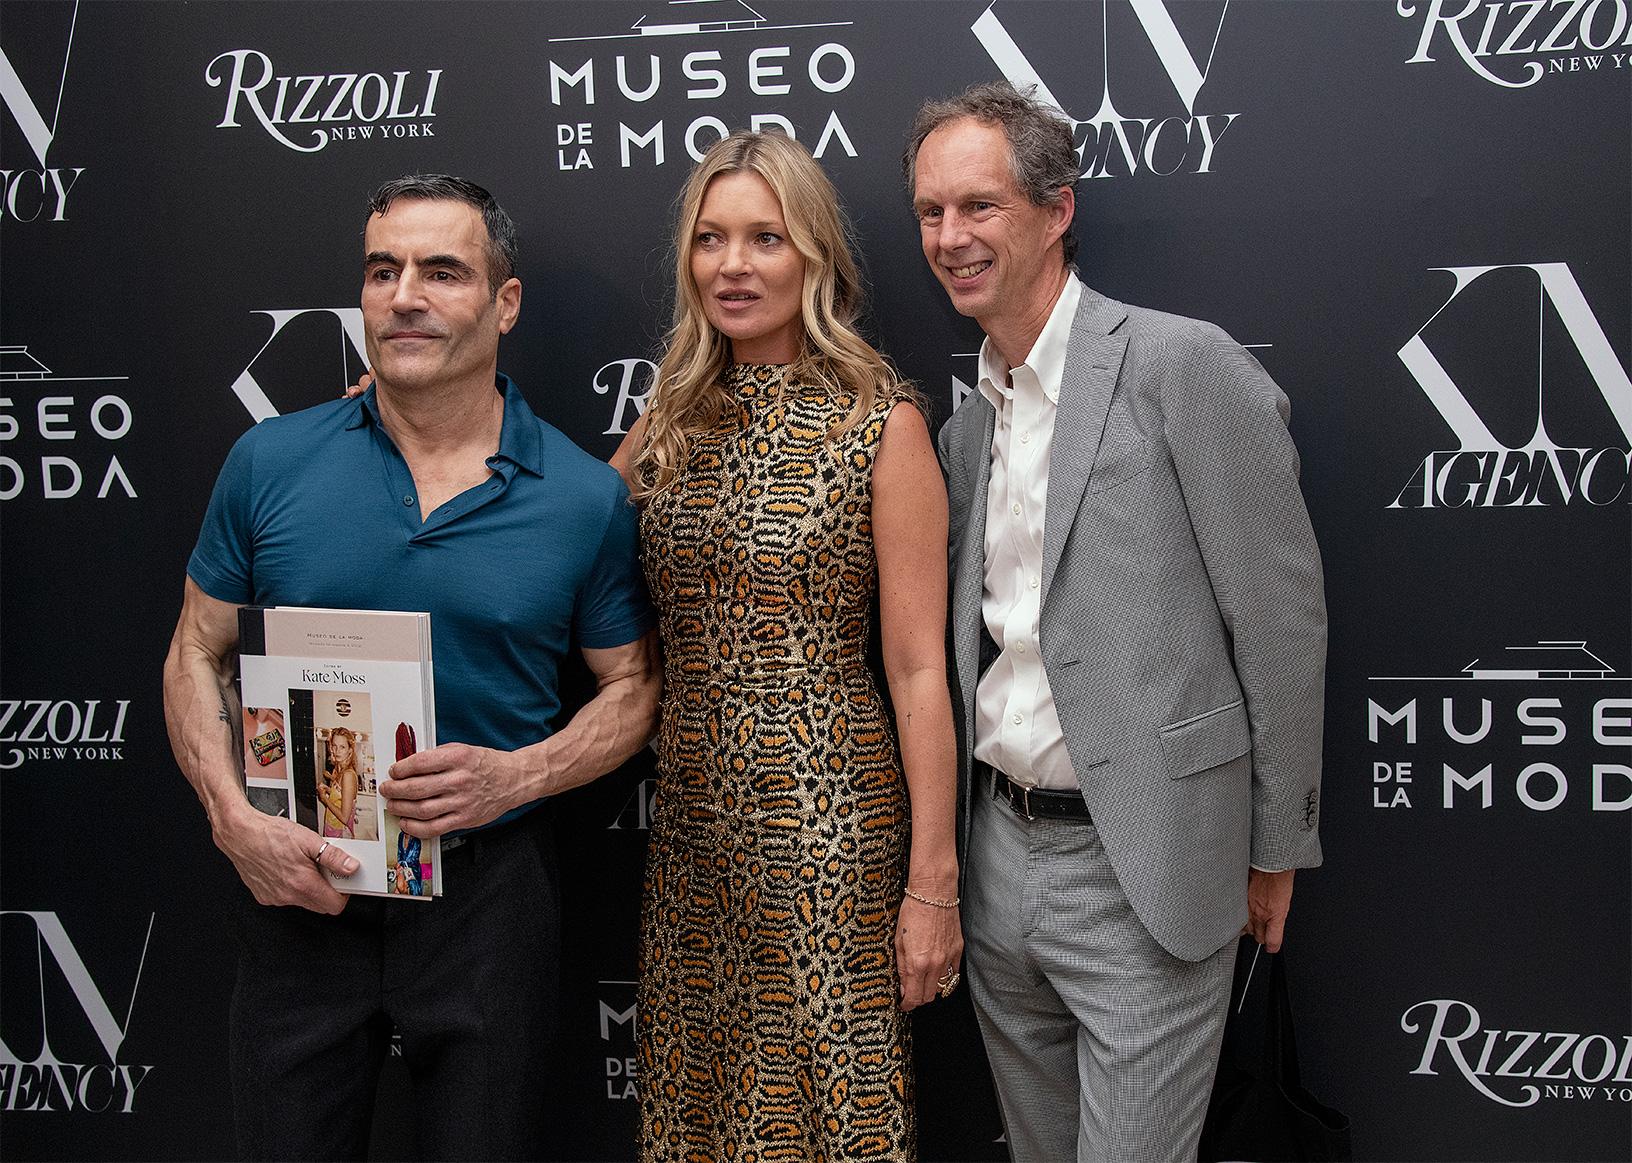 El libro del Museo de la Moda editado por Kate Moss